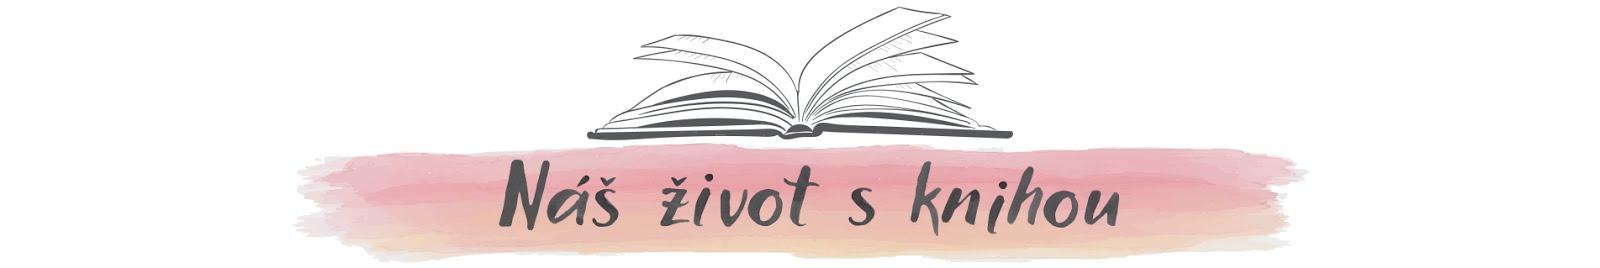 Náš život s knihou